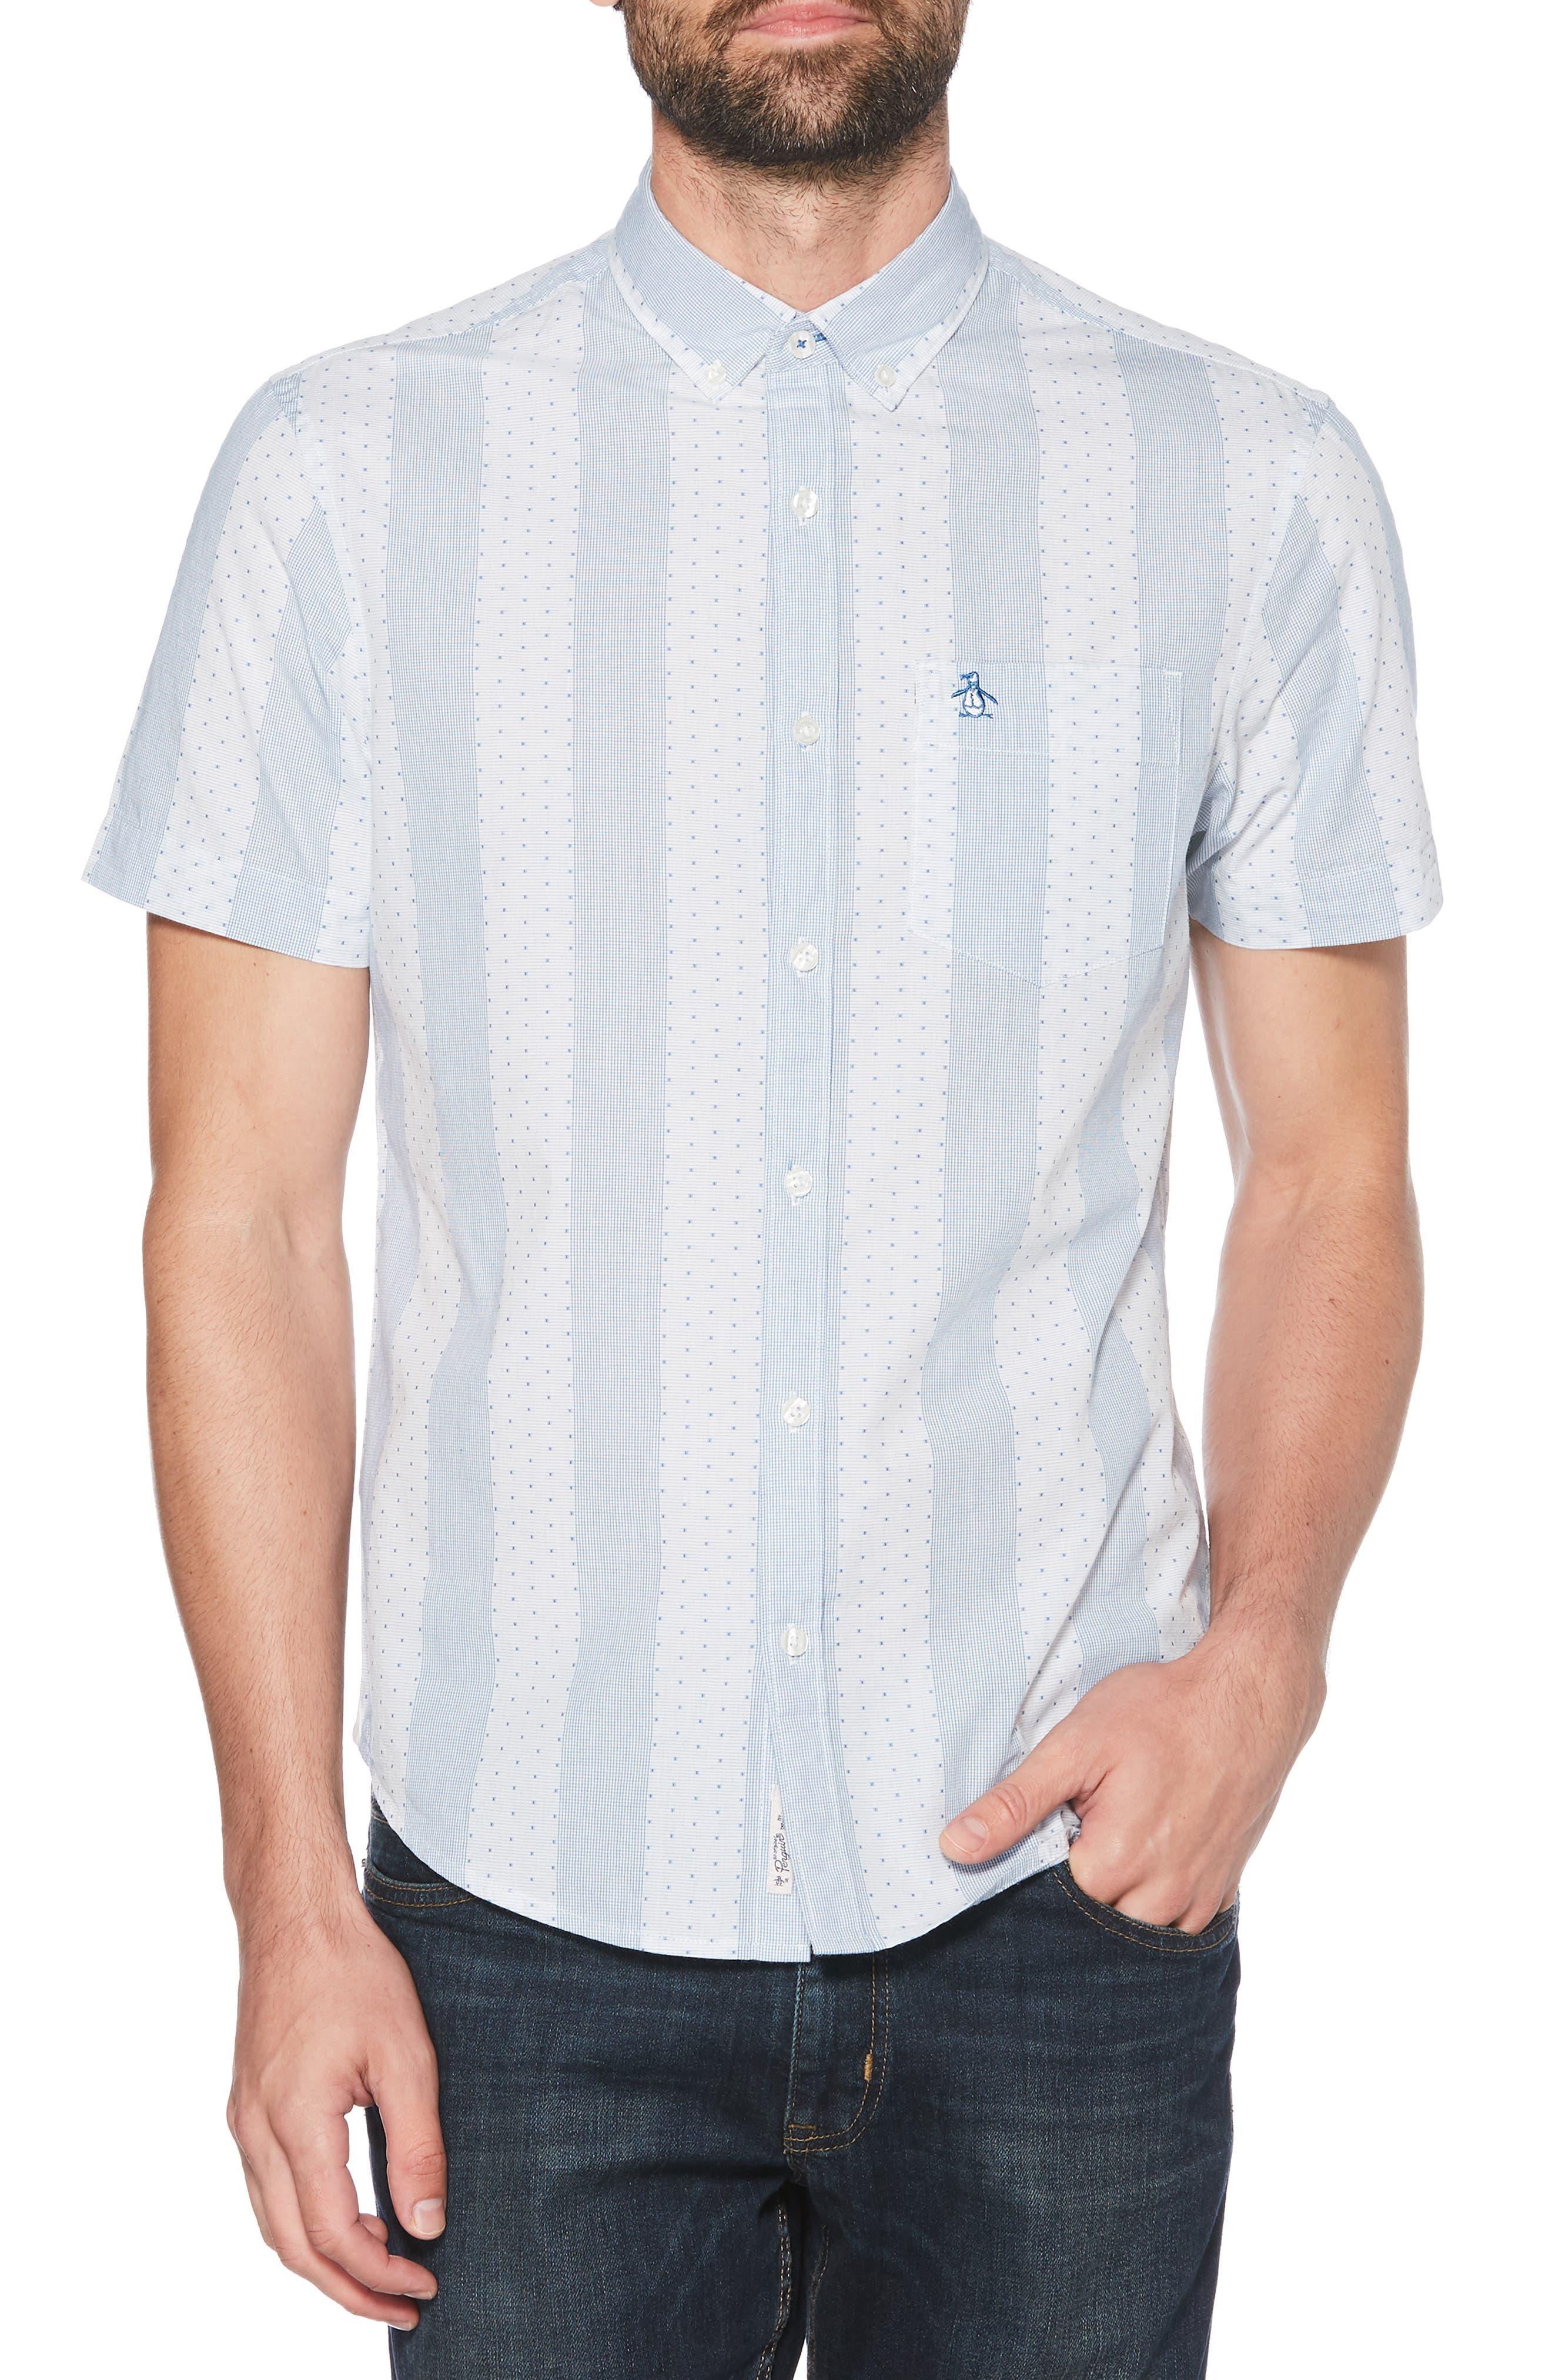 ORIGINAL PENGUIN, Square Dobby Stripe Shirt, Main thumbnail 1, color, BRIGHT WHITE